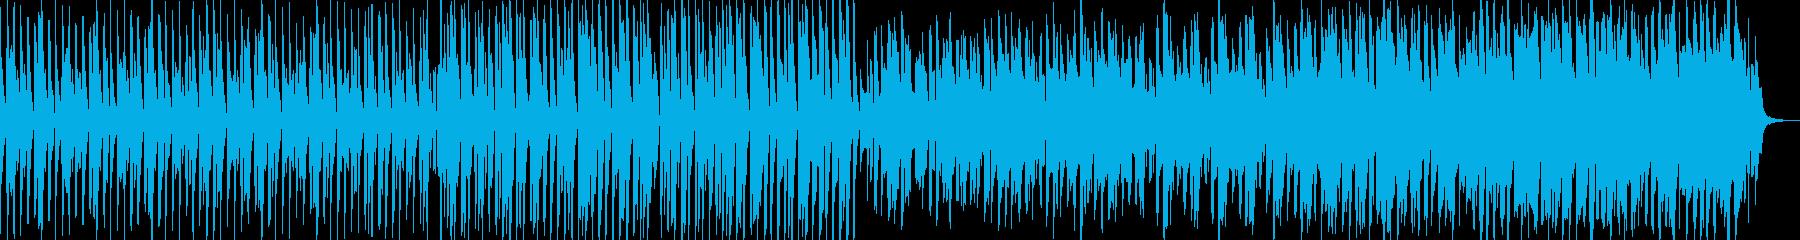 シンプルでメロディーのあるポジティ...の再生済みの波形